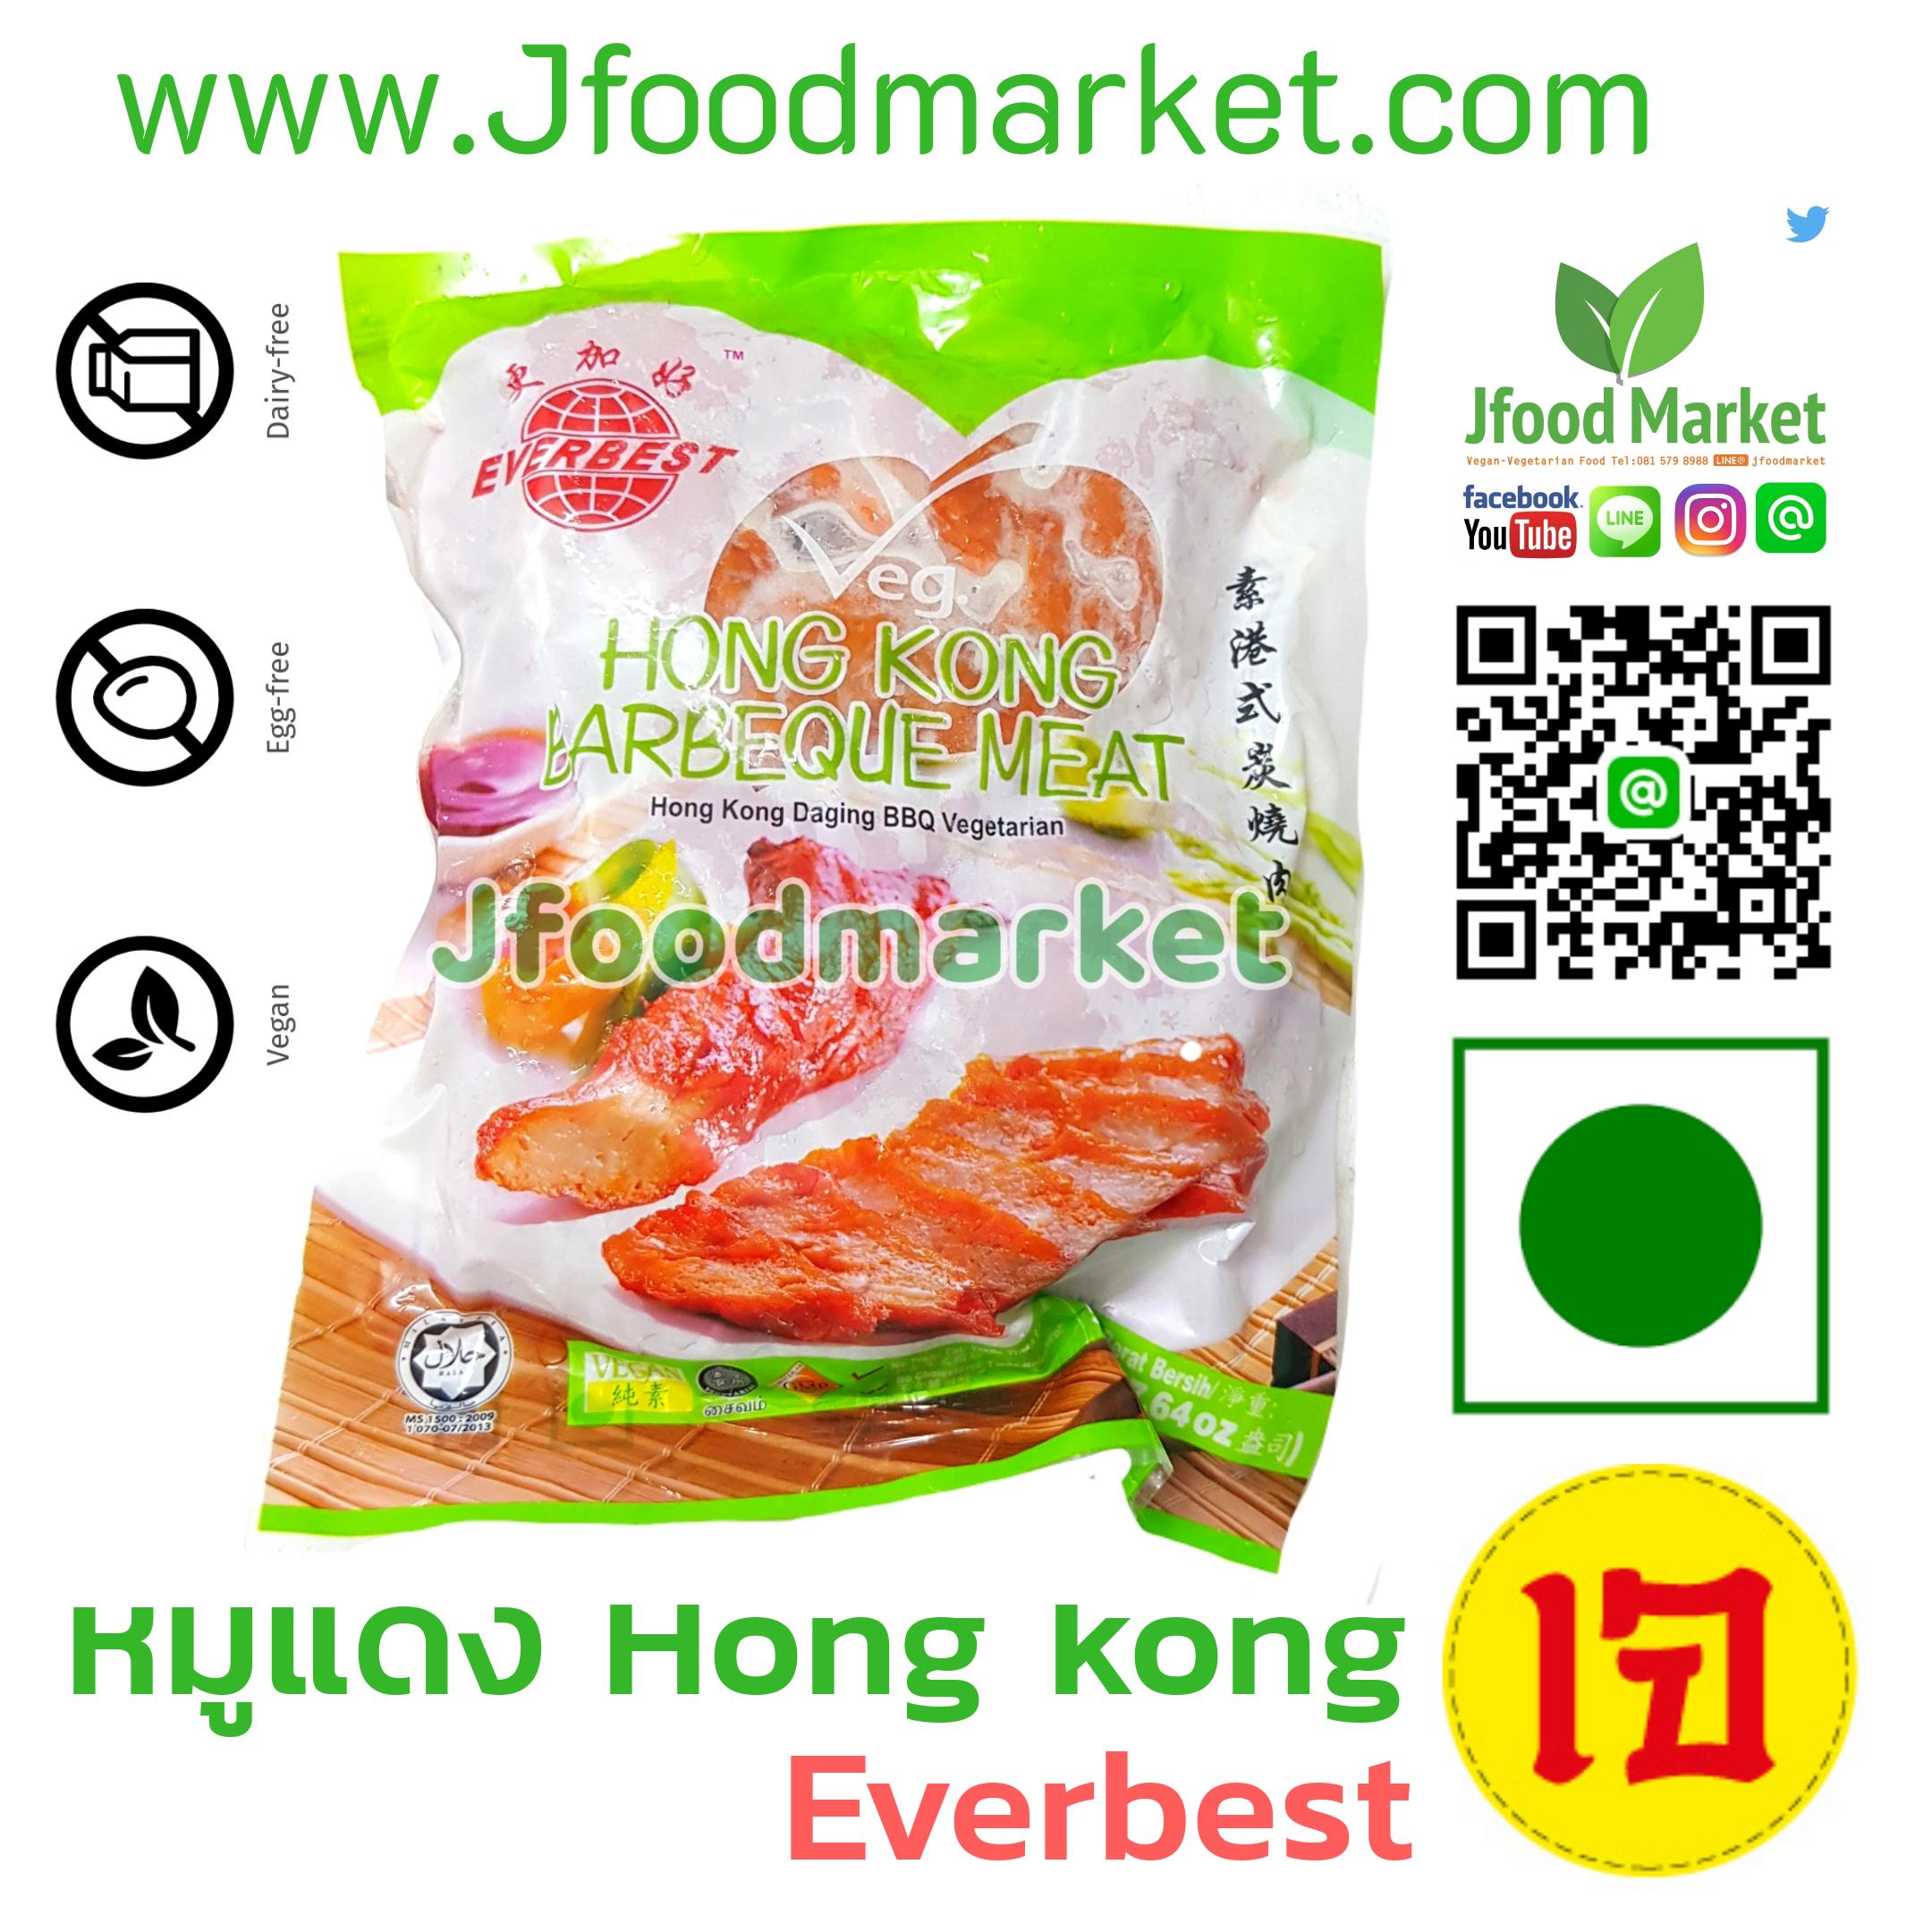 Everbest Hong Kong roasted pork (หมูแดงฮองกง)